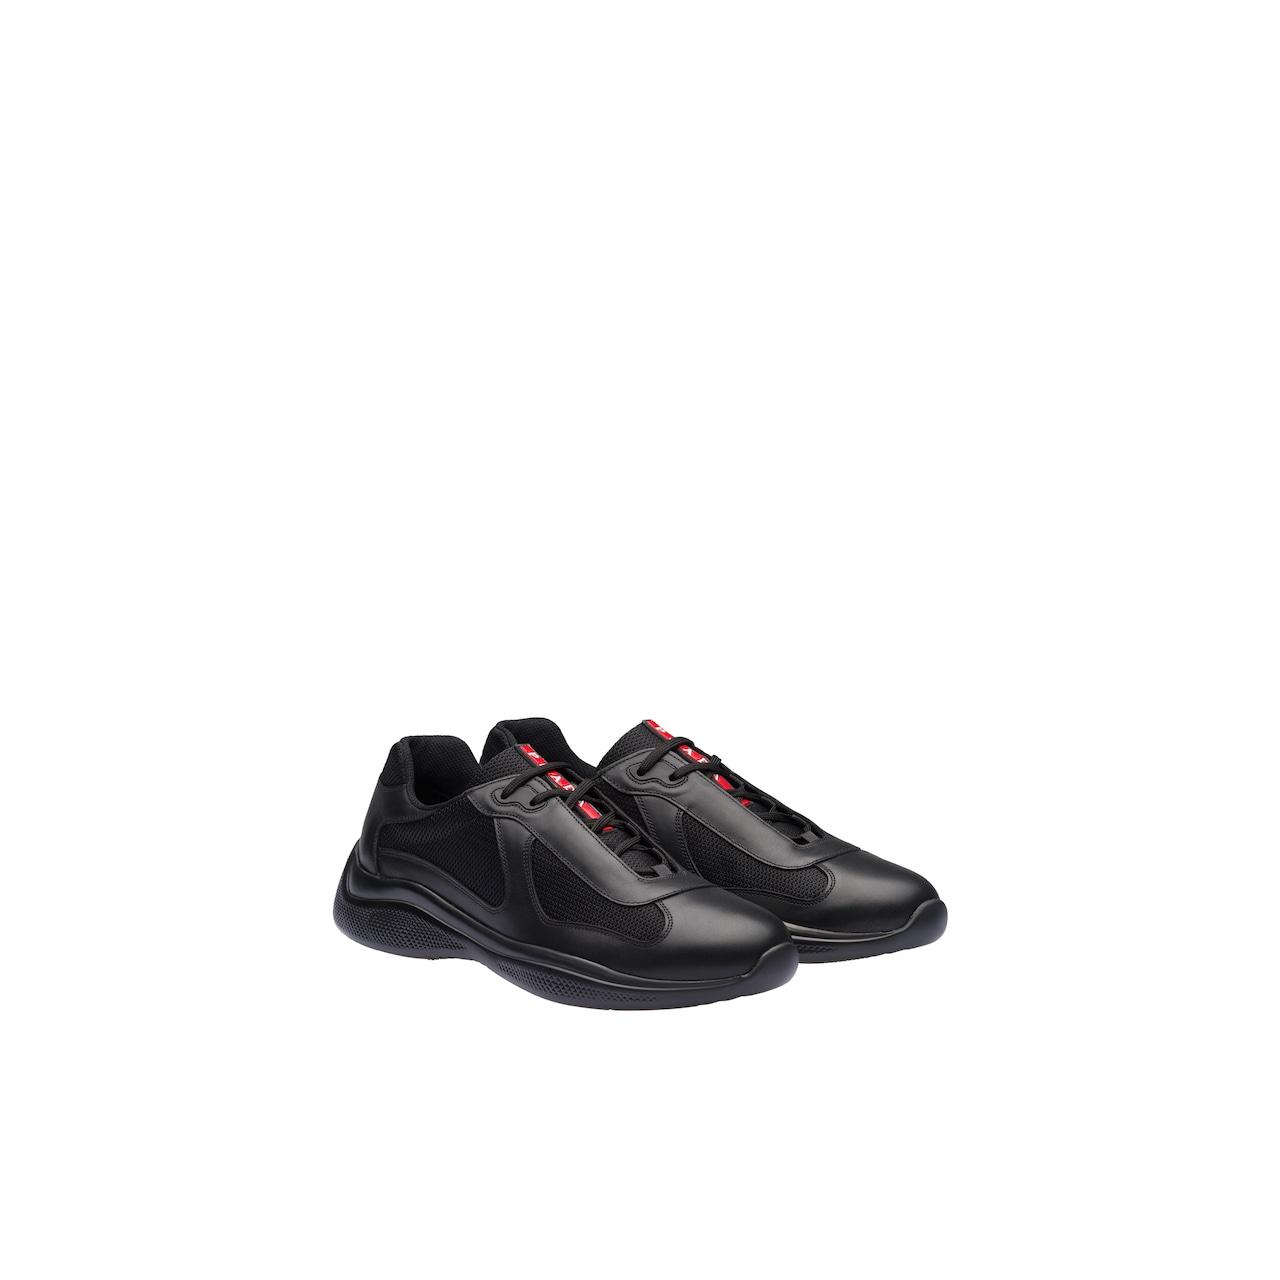 Prada 皮革和织物运动鞋 1